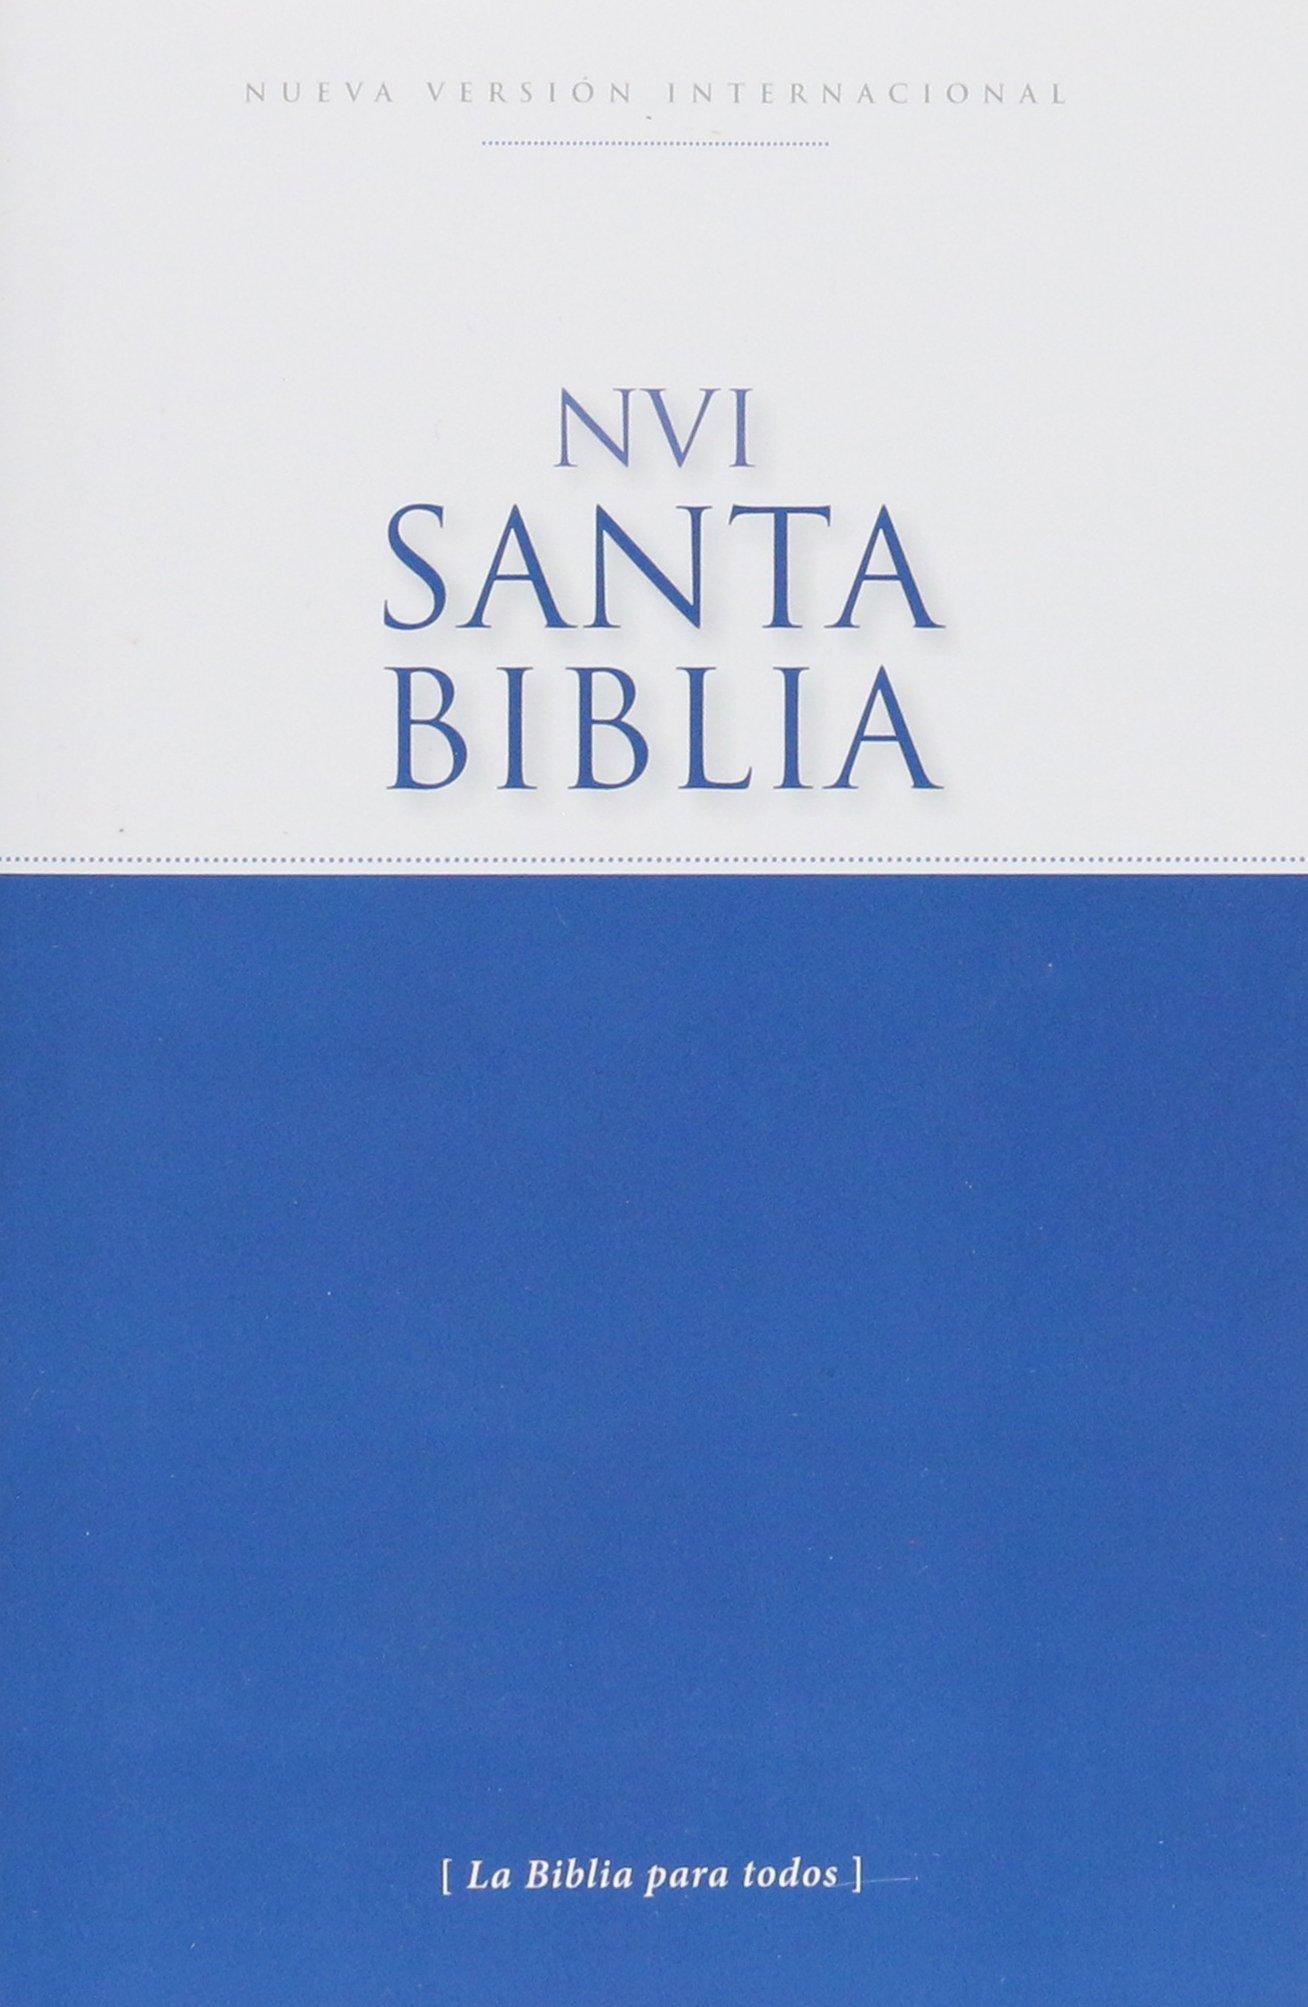 NVI -Santa Biblia - Edición económica / Paquete de 28 (Spanish Edition) (Spanish) Paperback – September 30, 2014